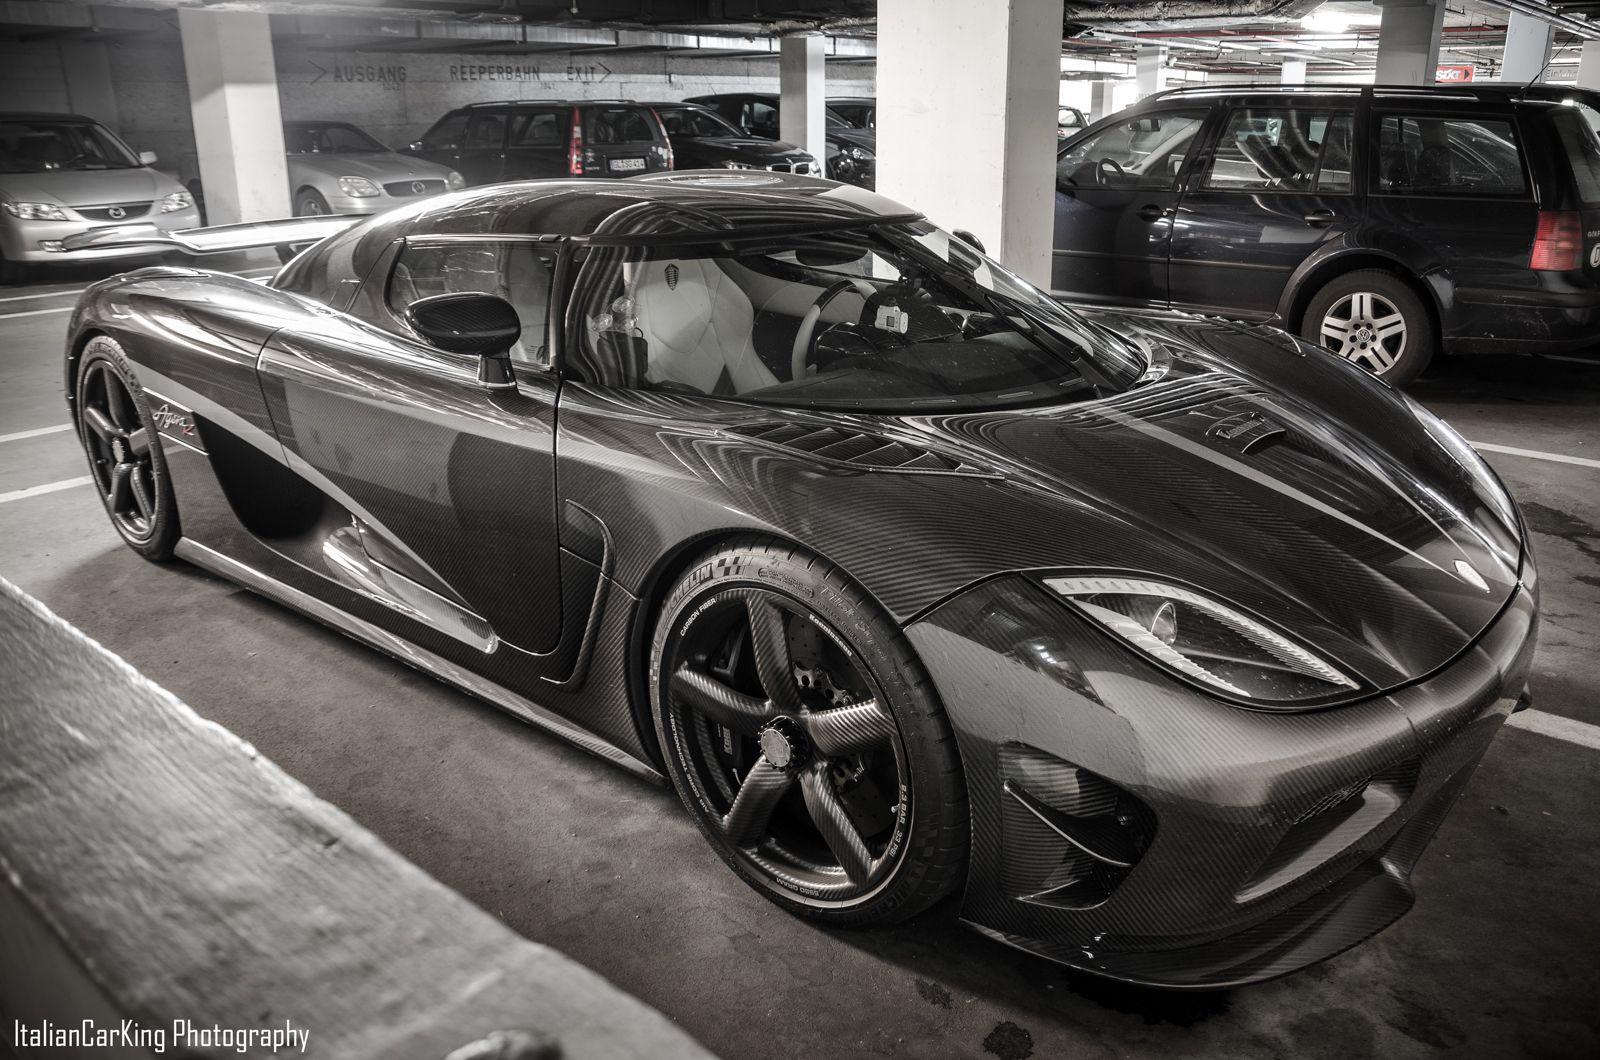 Gallery Koenigsegg Agera R And Porsche 918 Spyder In German Carpark Gtspirit